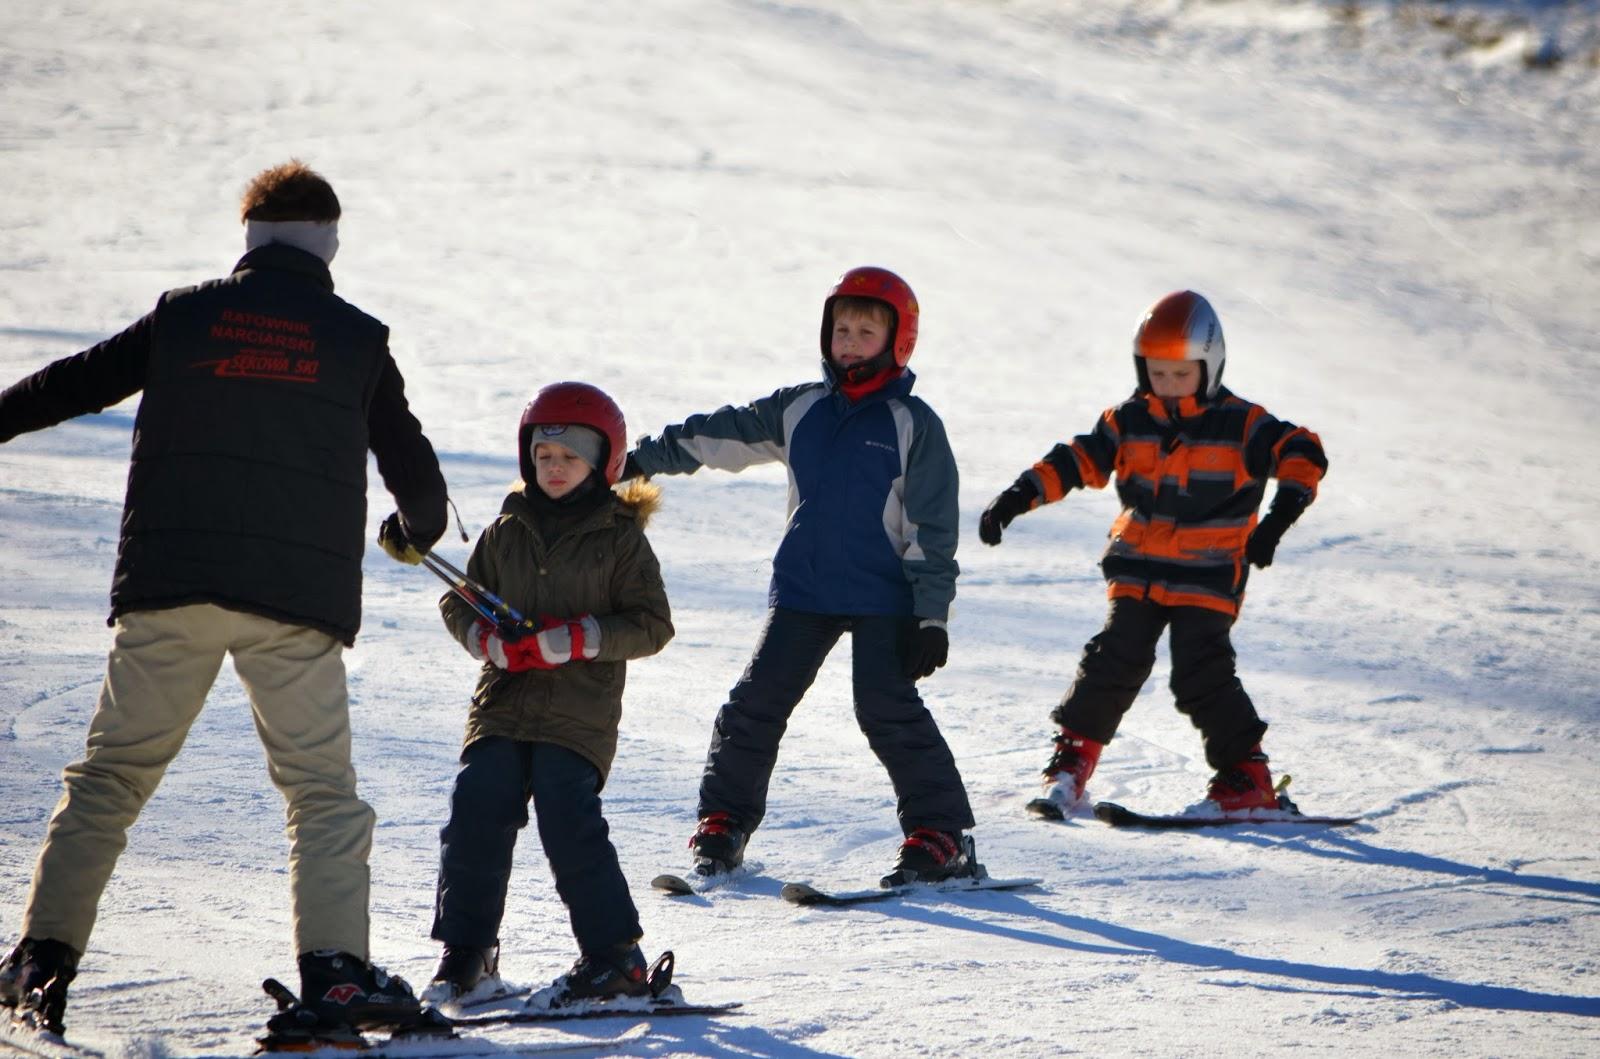 gdzie na ferie z dzieckiem, góry, zima, jazda na nartach, nauka jazdy na nartach, ferie